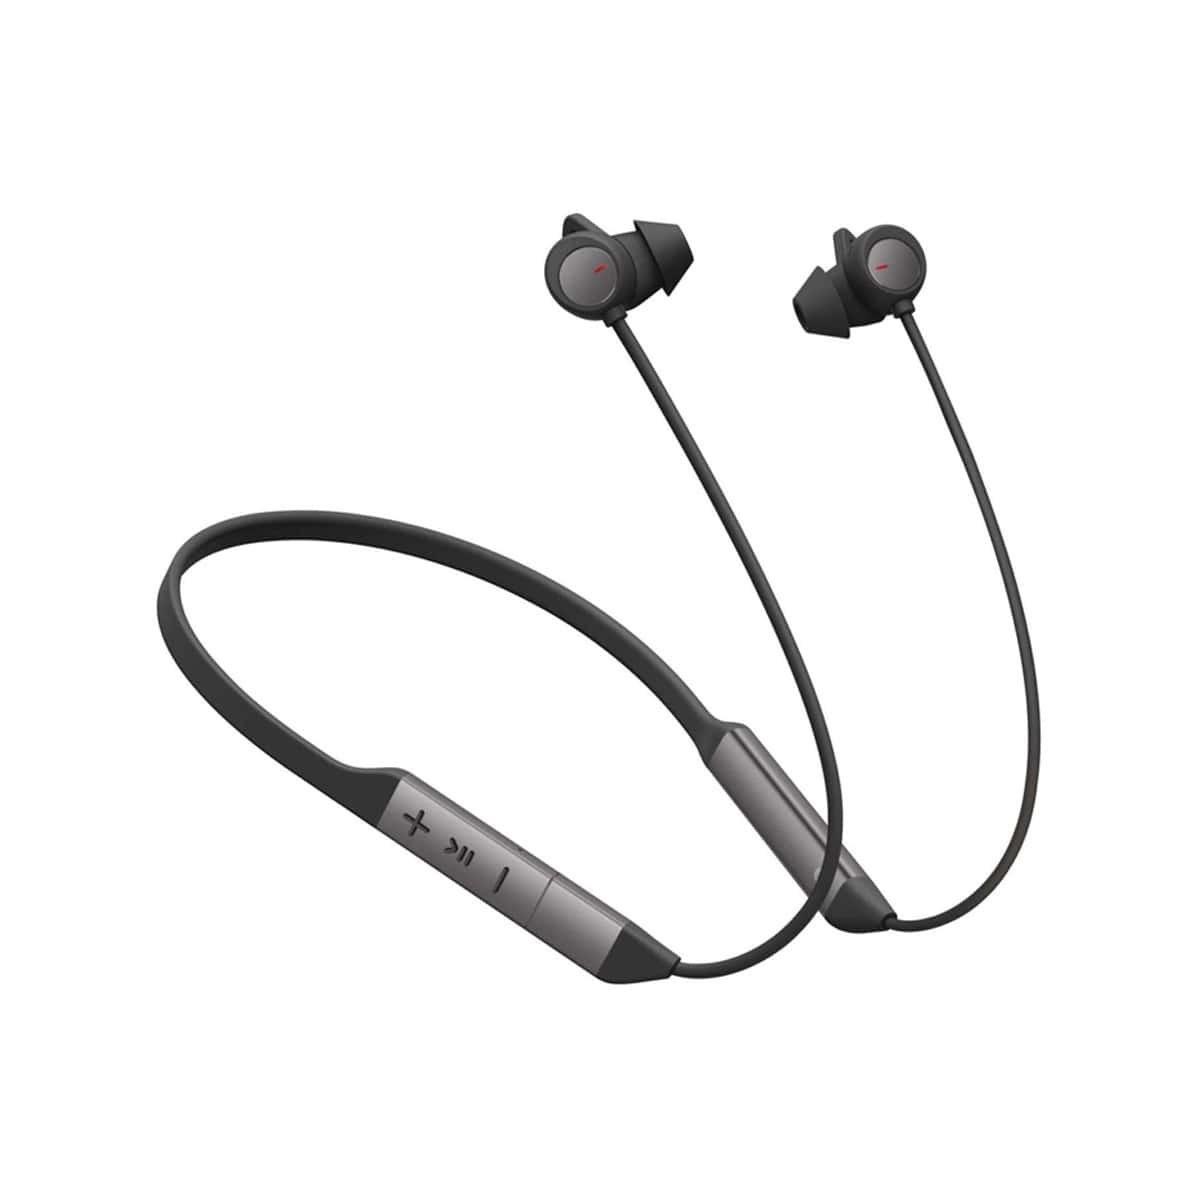 تصویر هدفون بی سیم هوآوی مدل FreeLace Pro مشکی Huawei FreeLace Pro Headphones